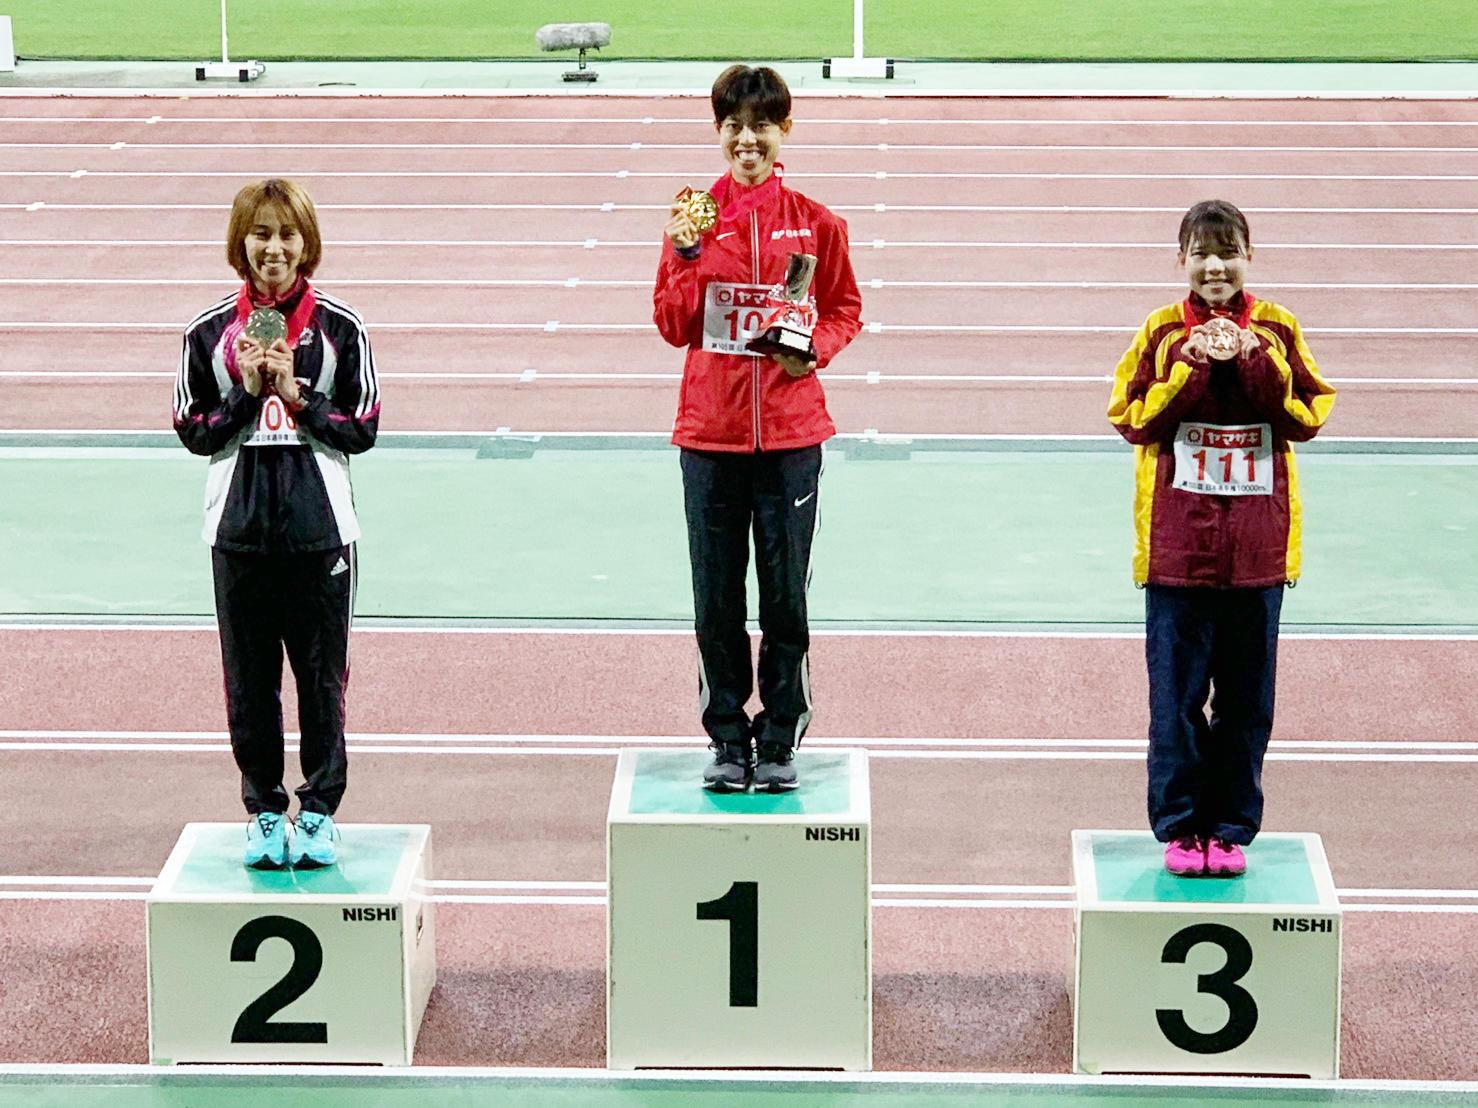 オリンピック代表に内定した廣中選手、安藤選手と肩を並べ表彰台に立つ小林選手(右)